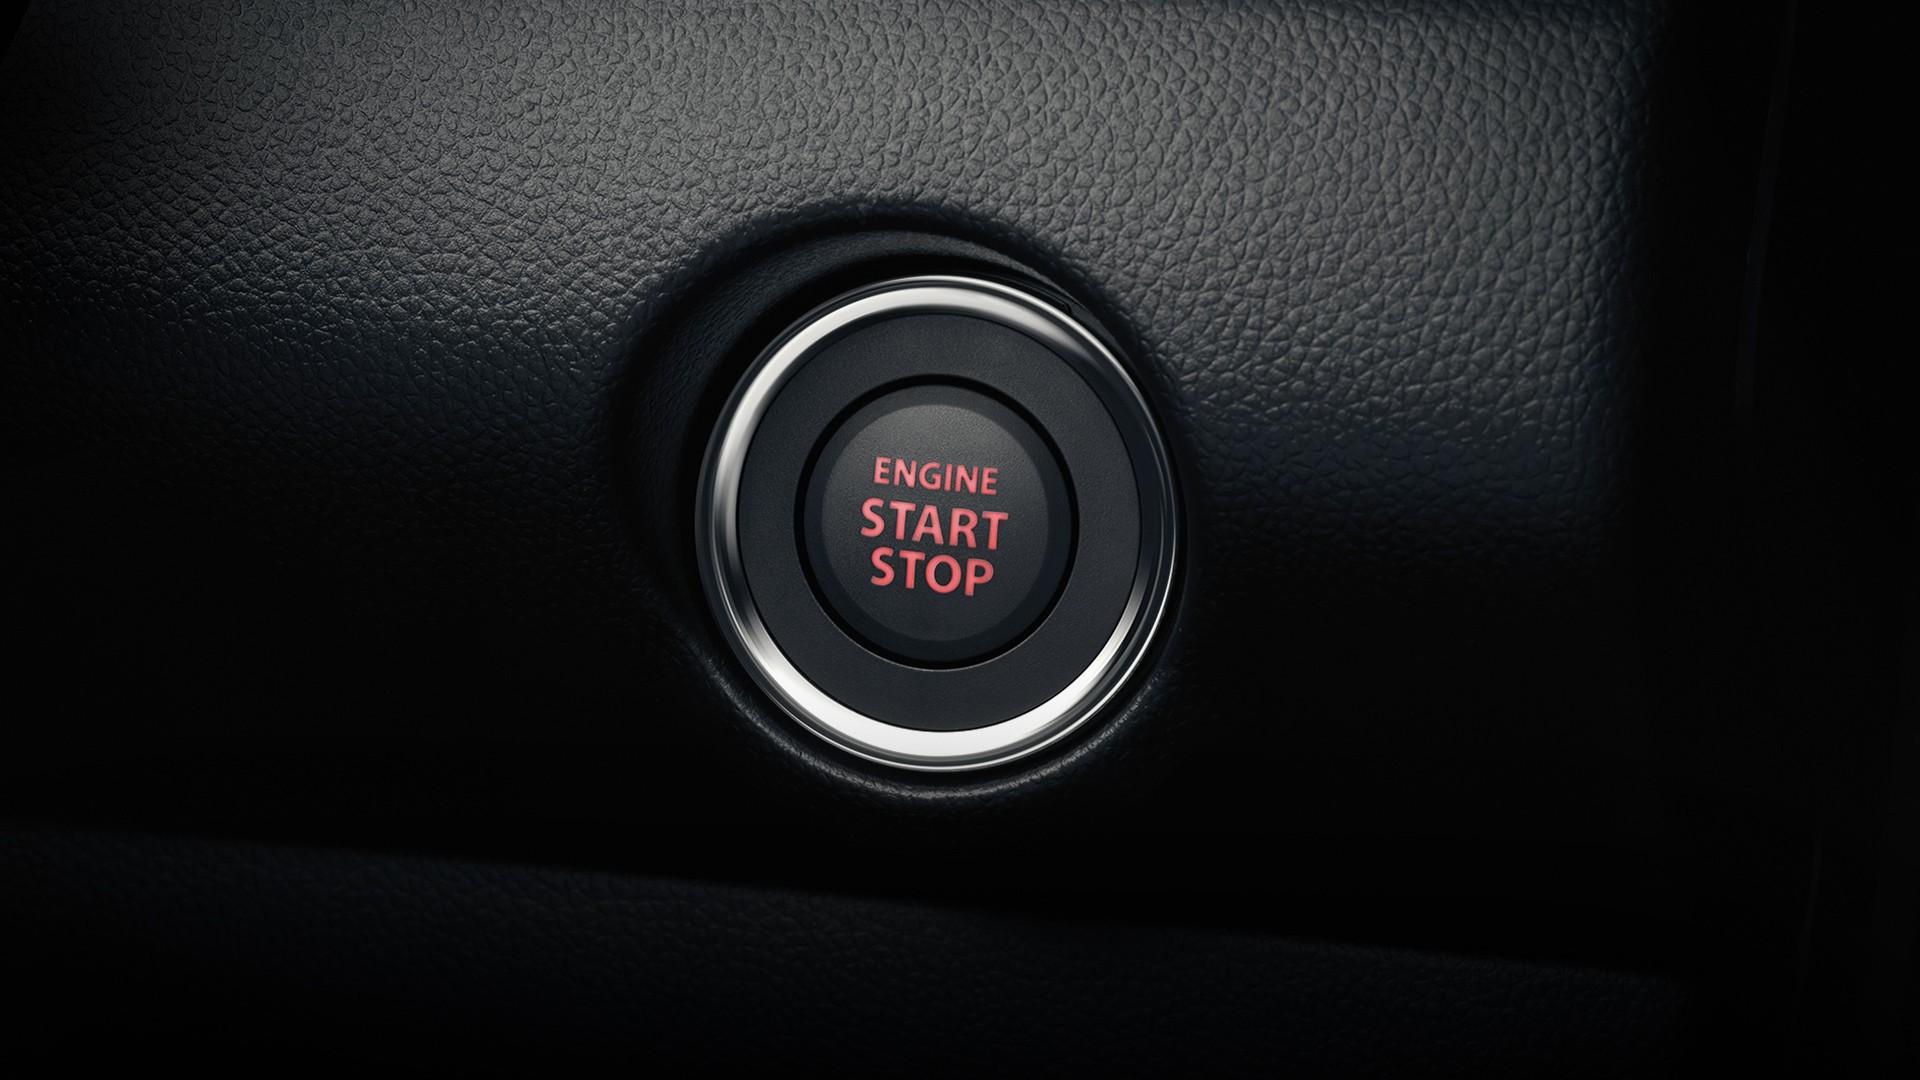 New Suzuki Swift Keyless Push Start